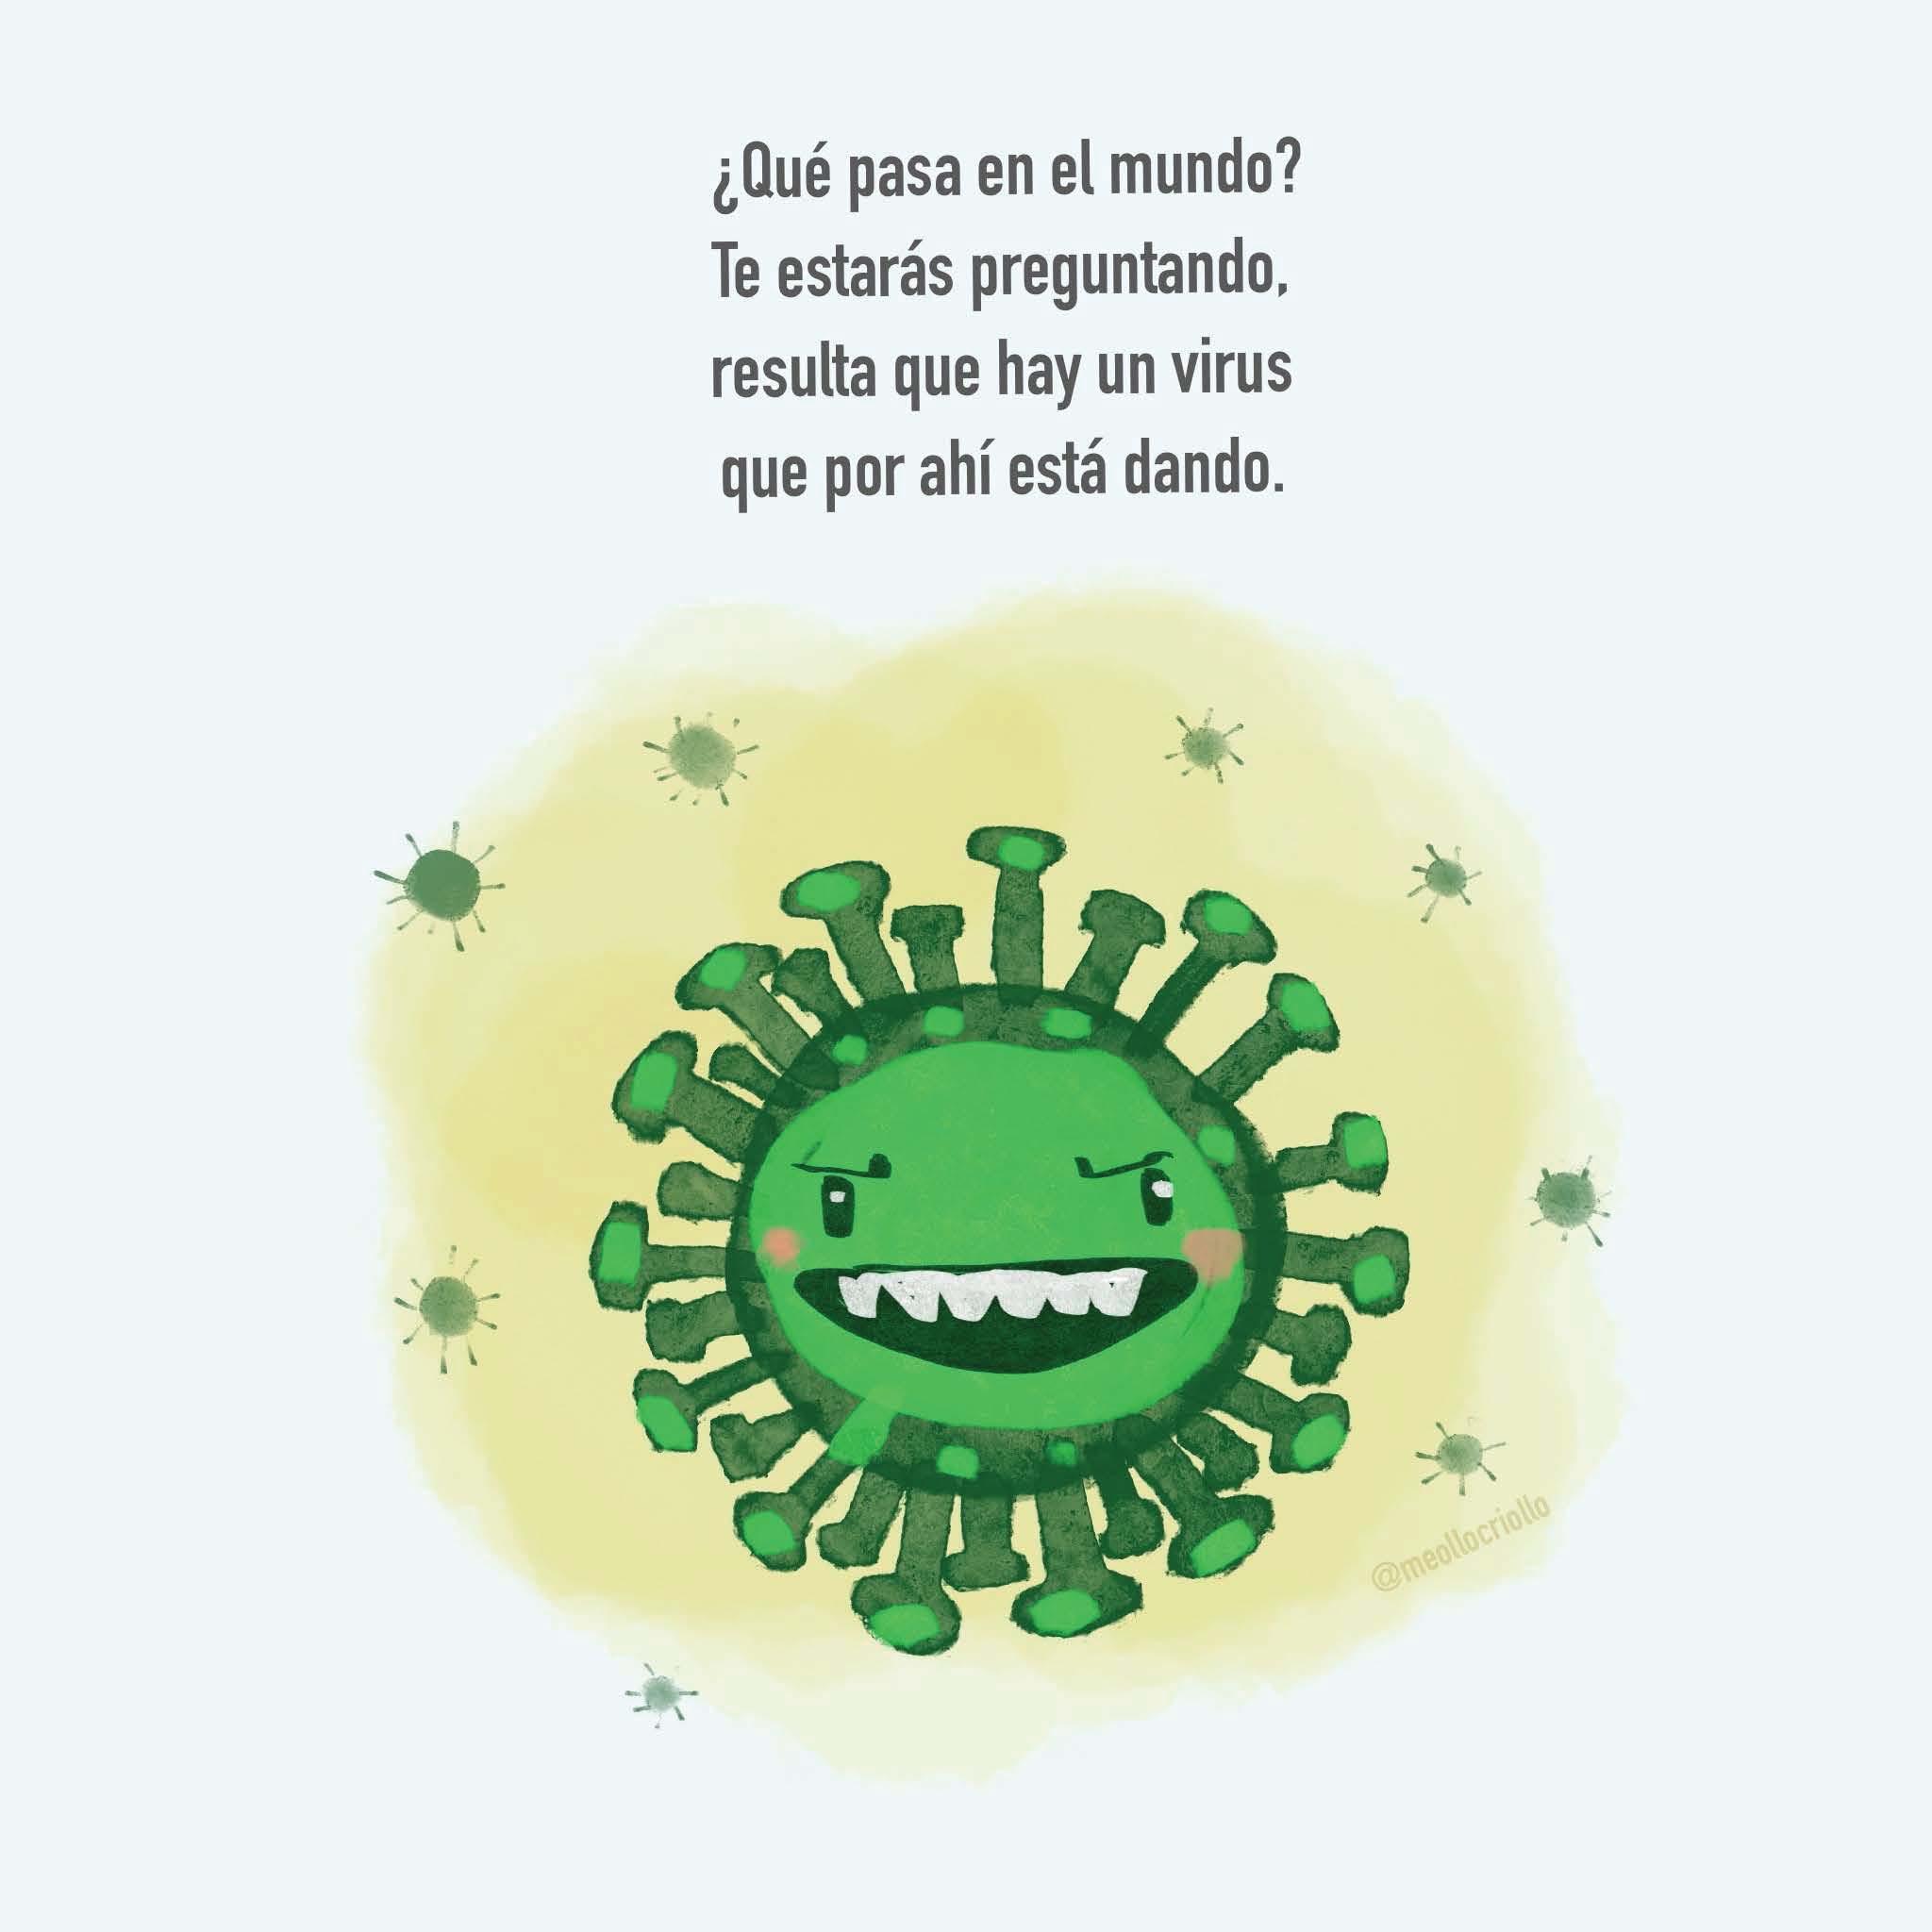 QuePasaEnElMundo_Page_02